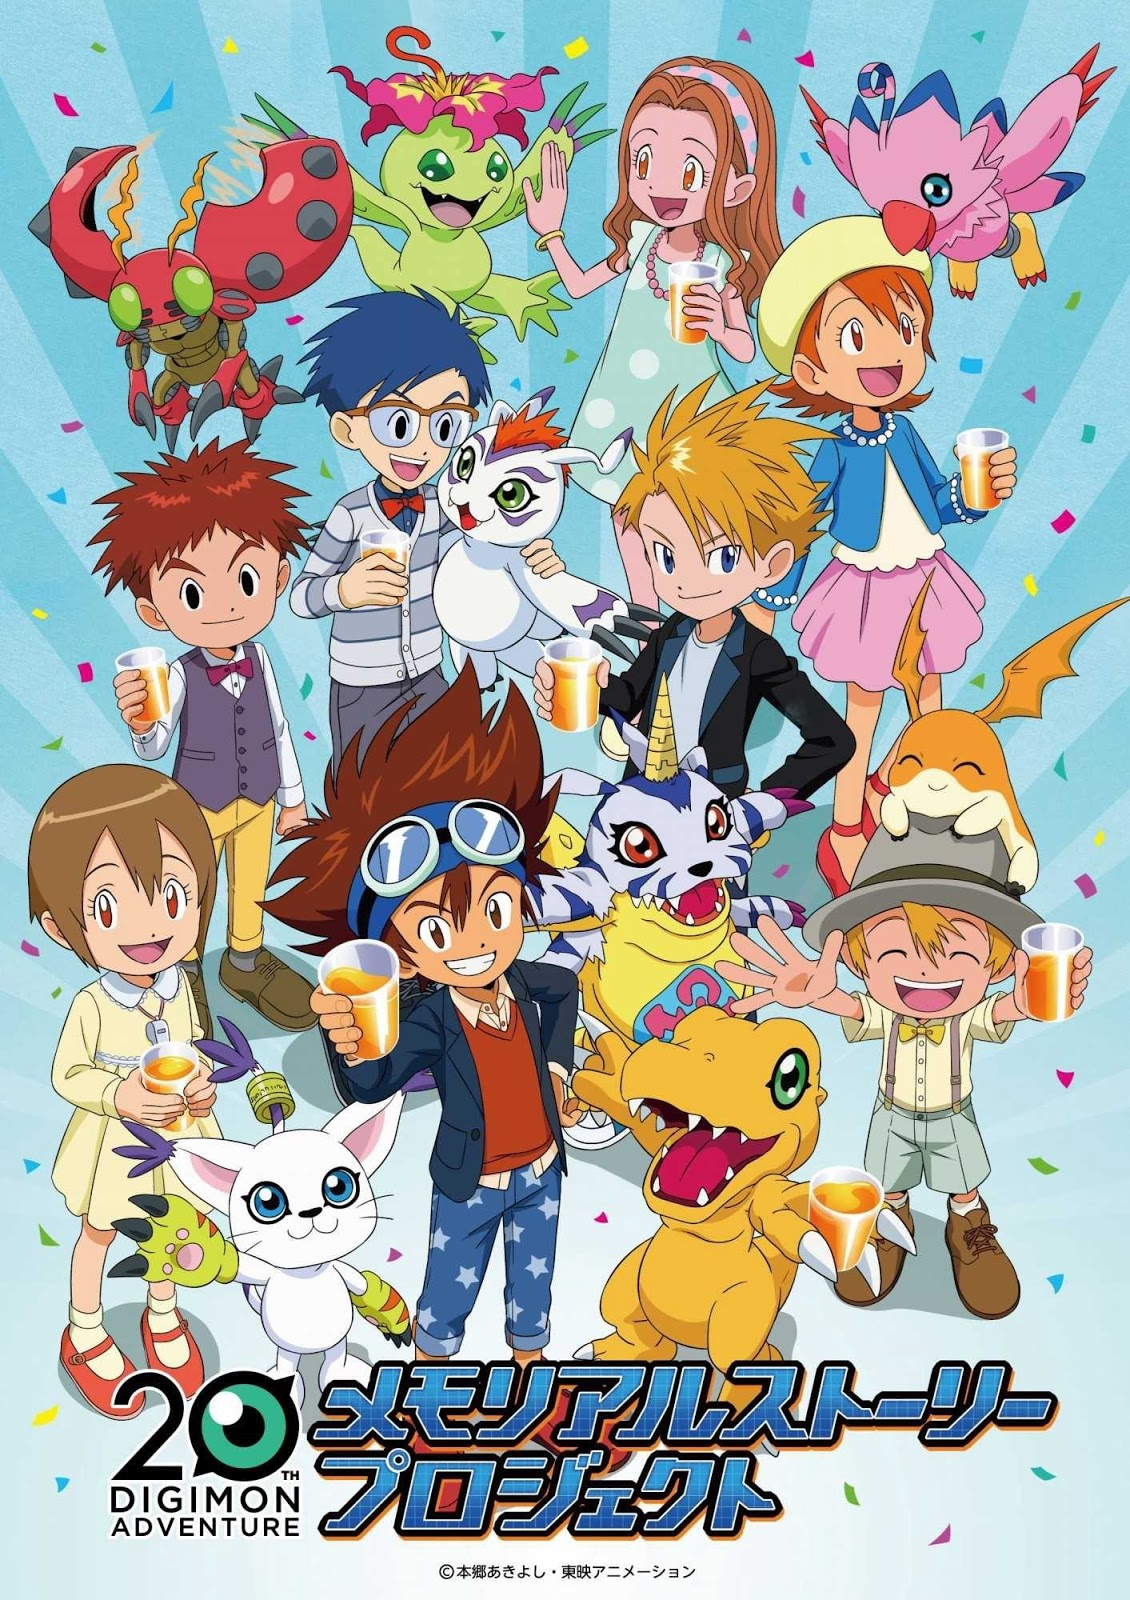 xem anime Cuộc  phiêu lưu của các con thú phần 9 -Digimon Adventure 2020